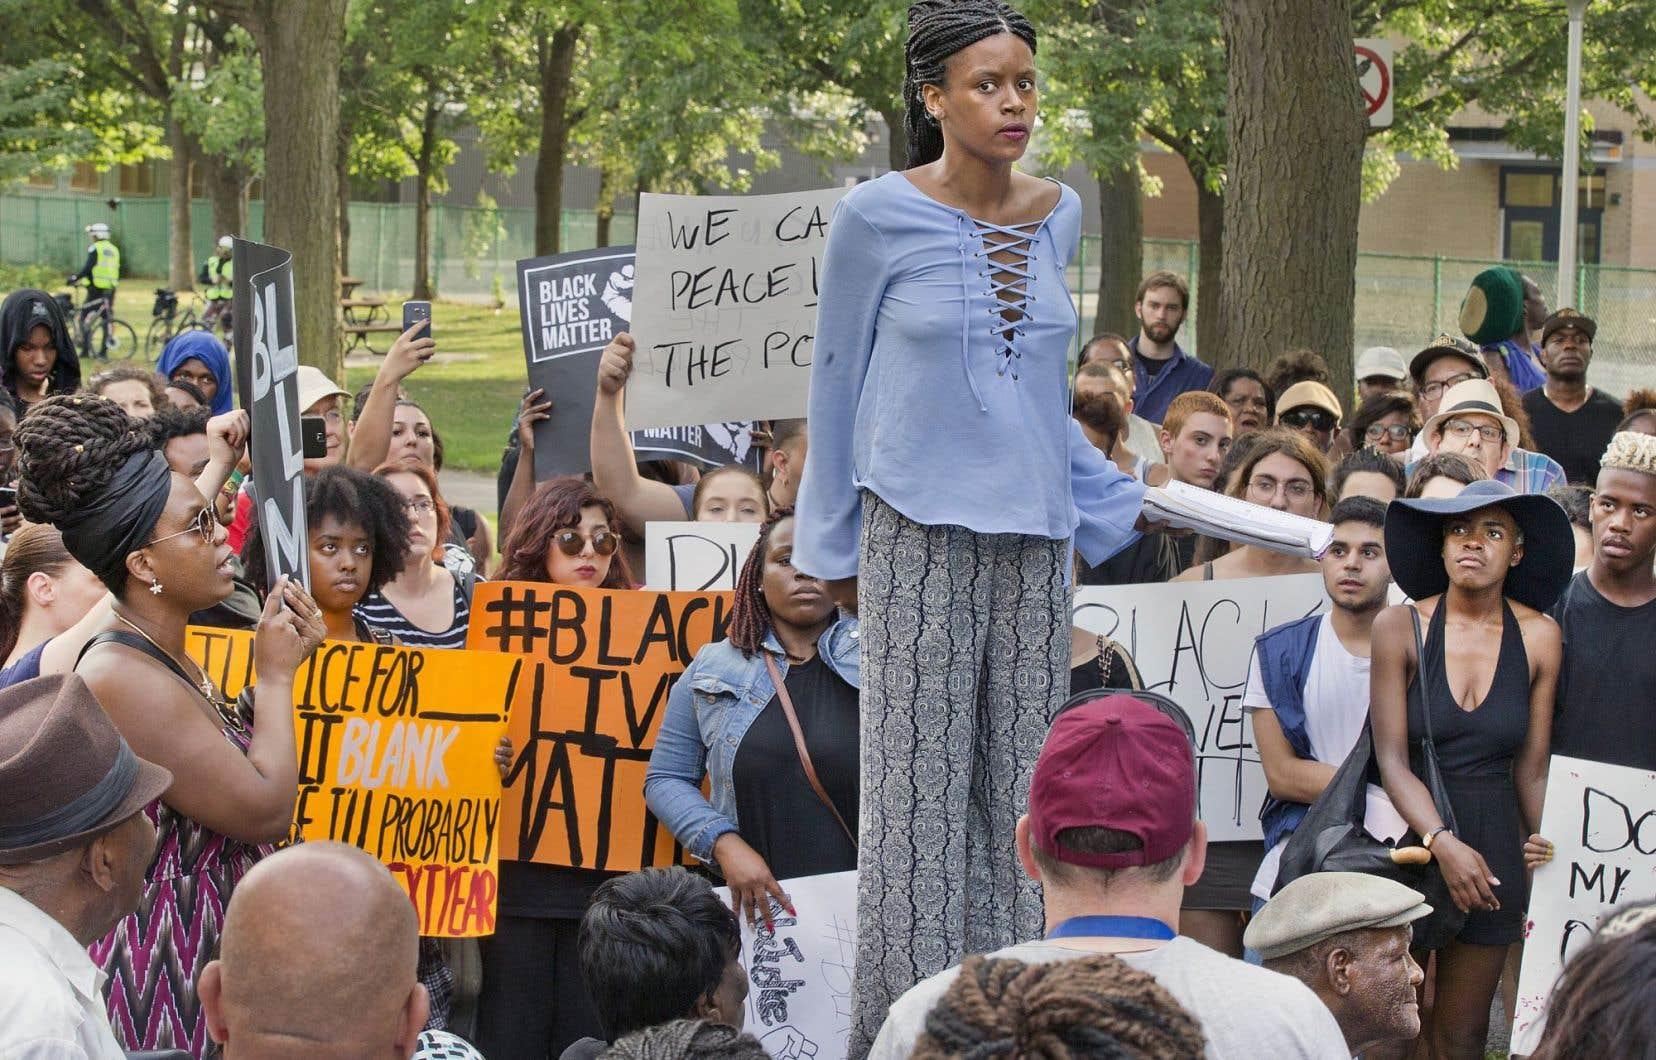 «Médecins, professeurs, infirmières, manufacturiers, architectes, couturiers, coiffeurs, cuisiniers et j'en passe !» a crié Jennifer Sidney, devant tous ceux qui avaient sorti affiches et banderoles pour rappeler que les vies des Noirs comptent.